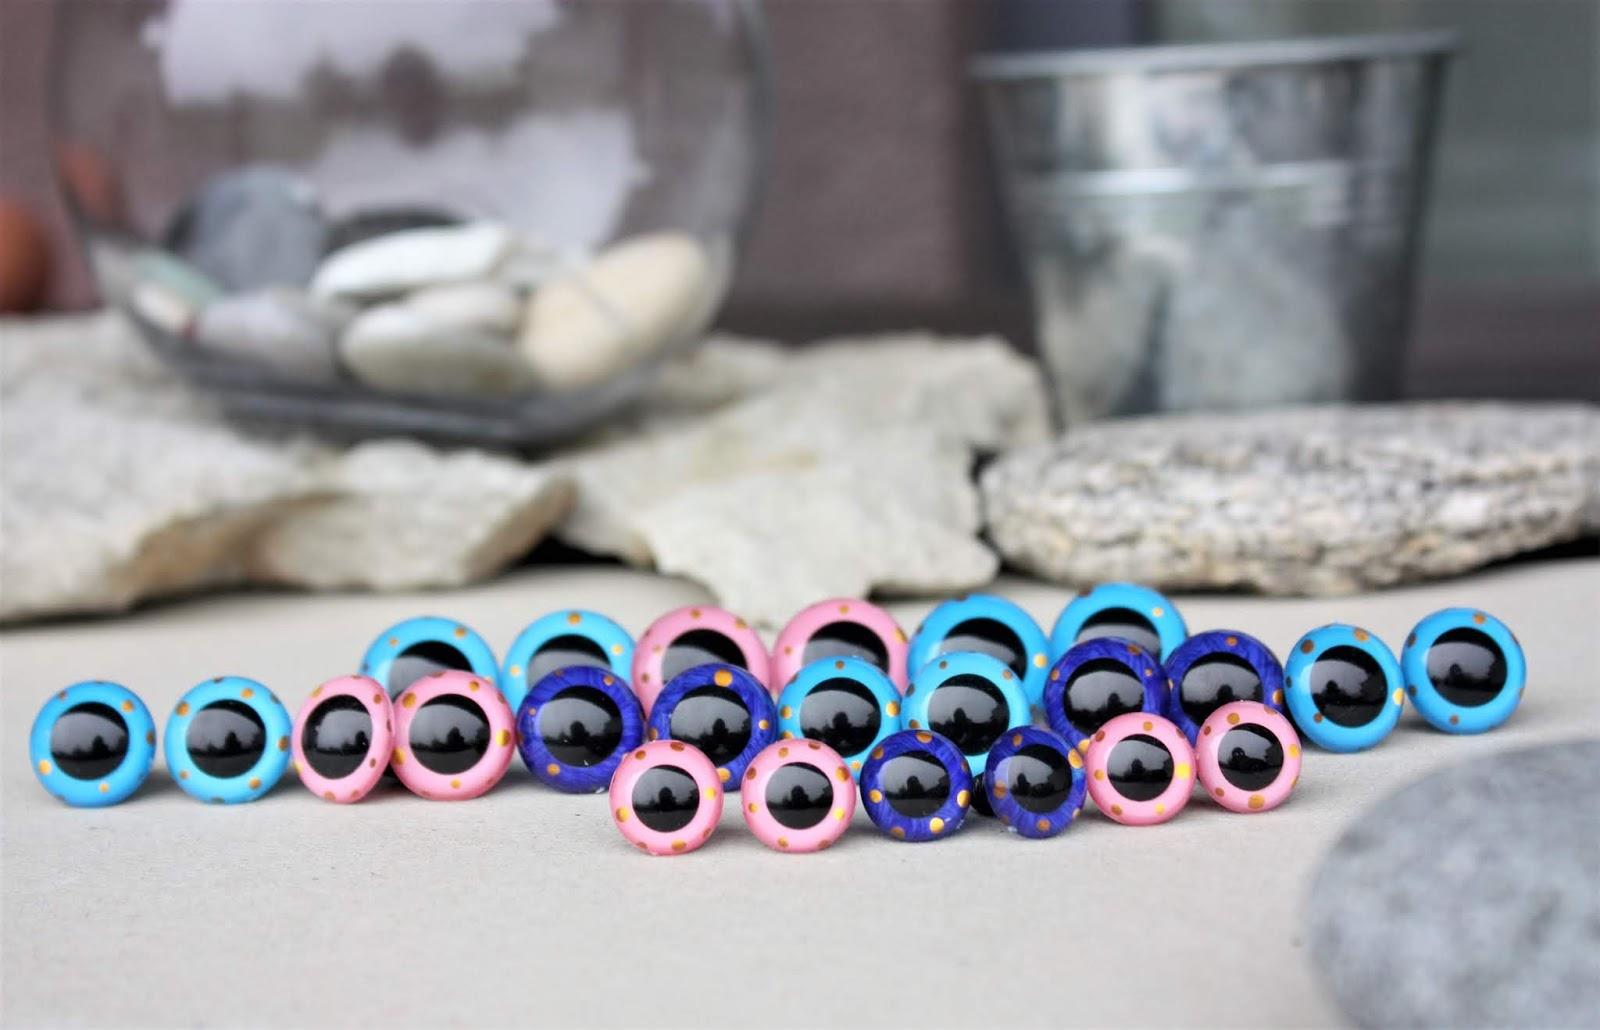 Amigurumi Crochet Basics: Inserting safety eyes - YouTube | 1030x1600